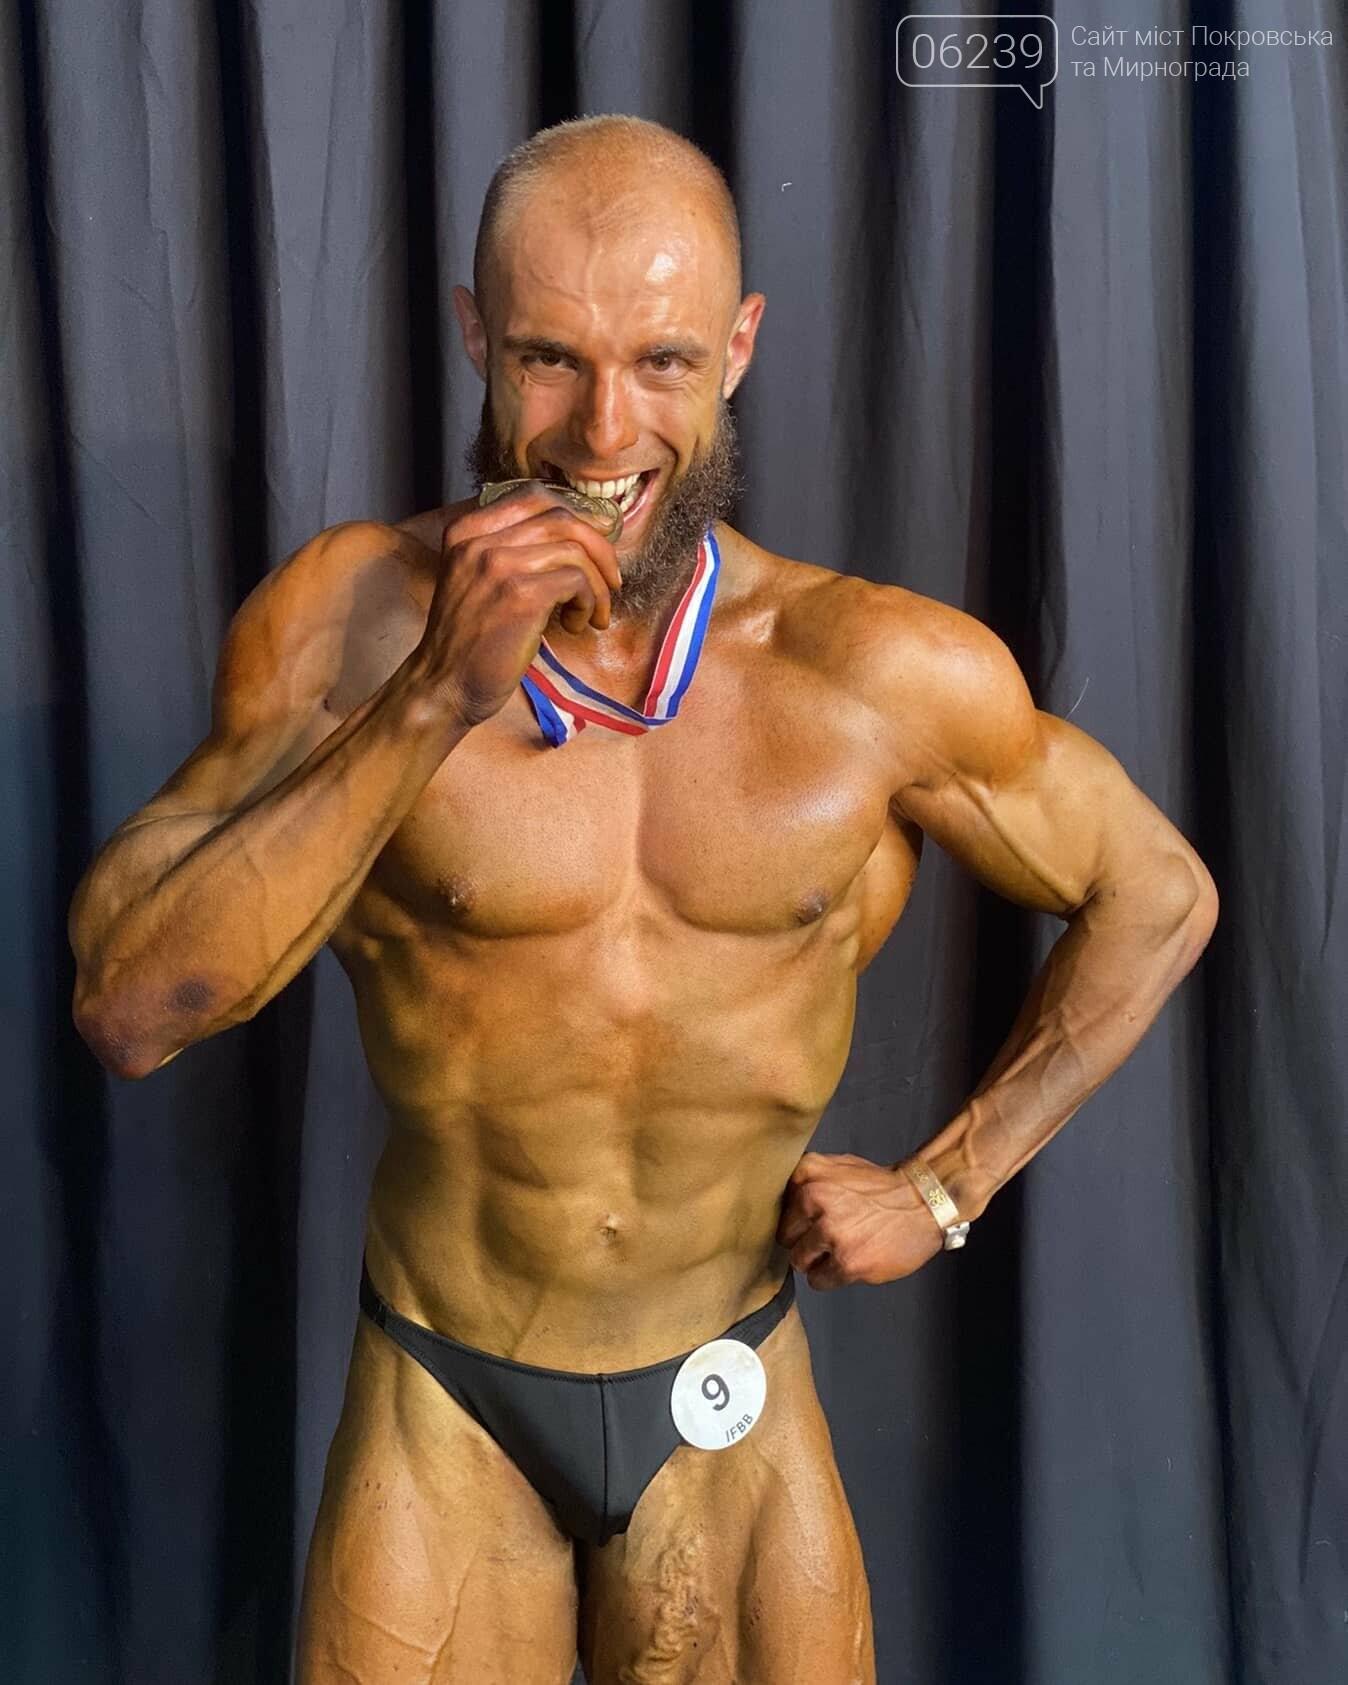 Уроженец Покровска Максим Говберг завоевал золотую медаль на чемпионате Европы по бодибилдингу, фото-6